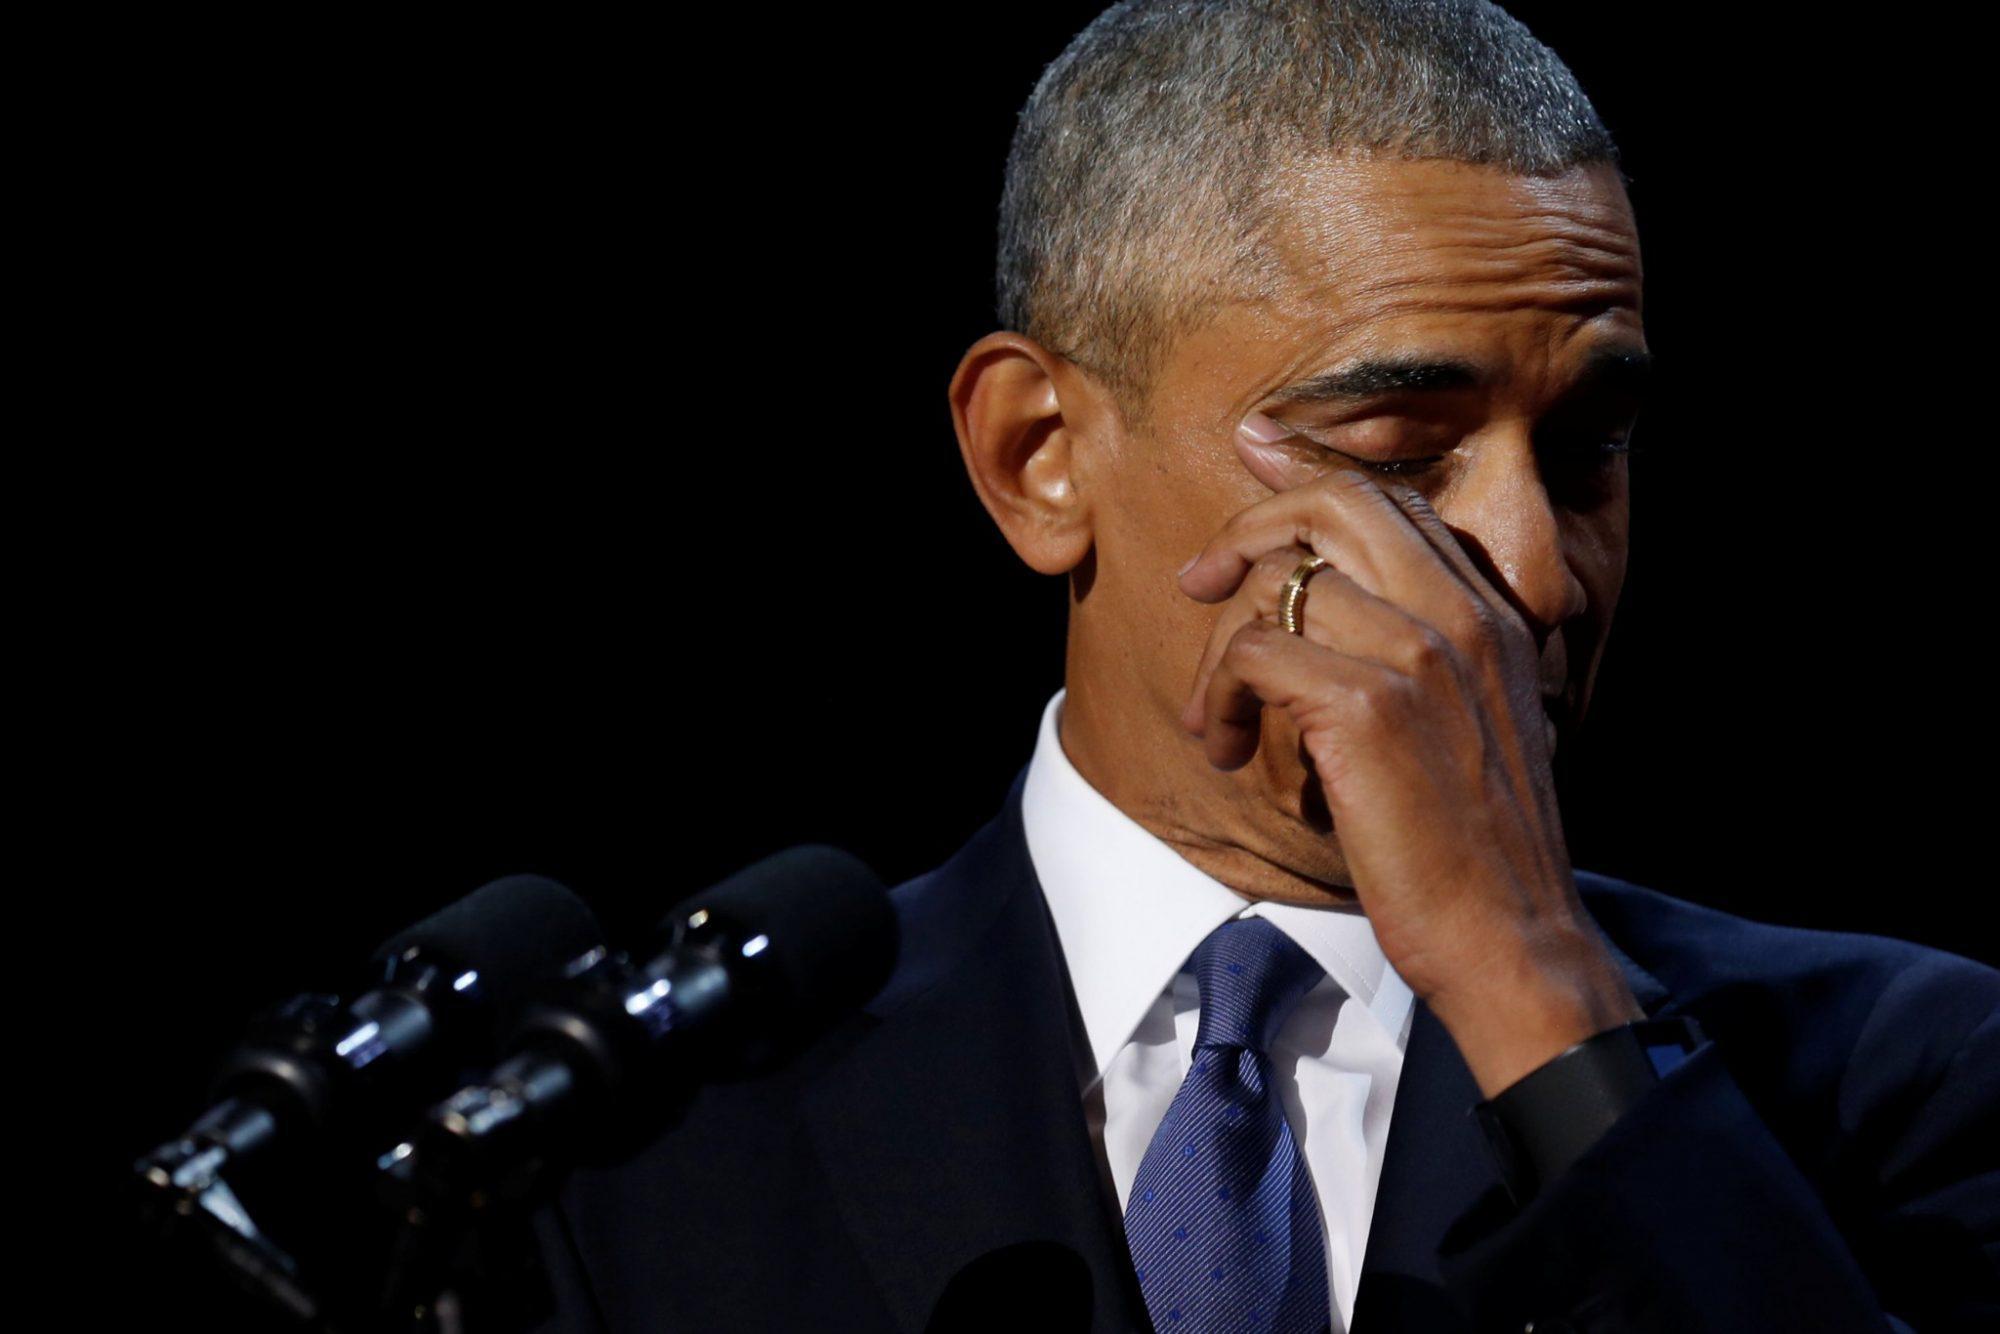 obama-3 «Με κάνατε καλύτερο άνθρωπο» - Mε δάκρυα, το αντίο του Ομπάμα  στους πολίτες  [εικόνες & βίντεο]